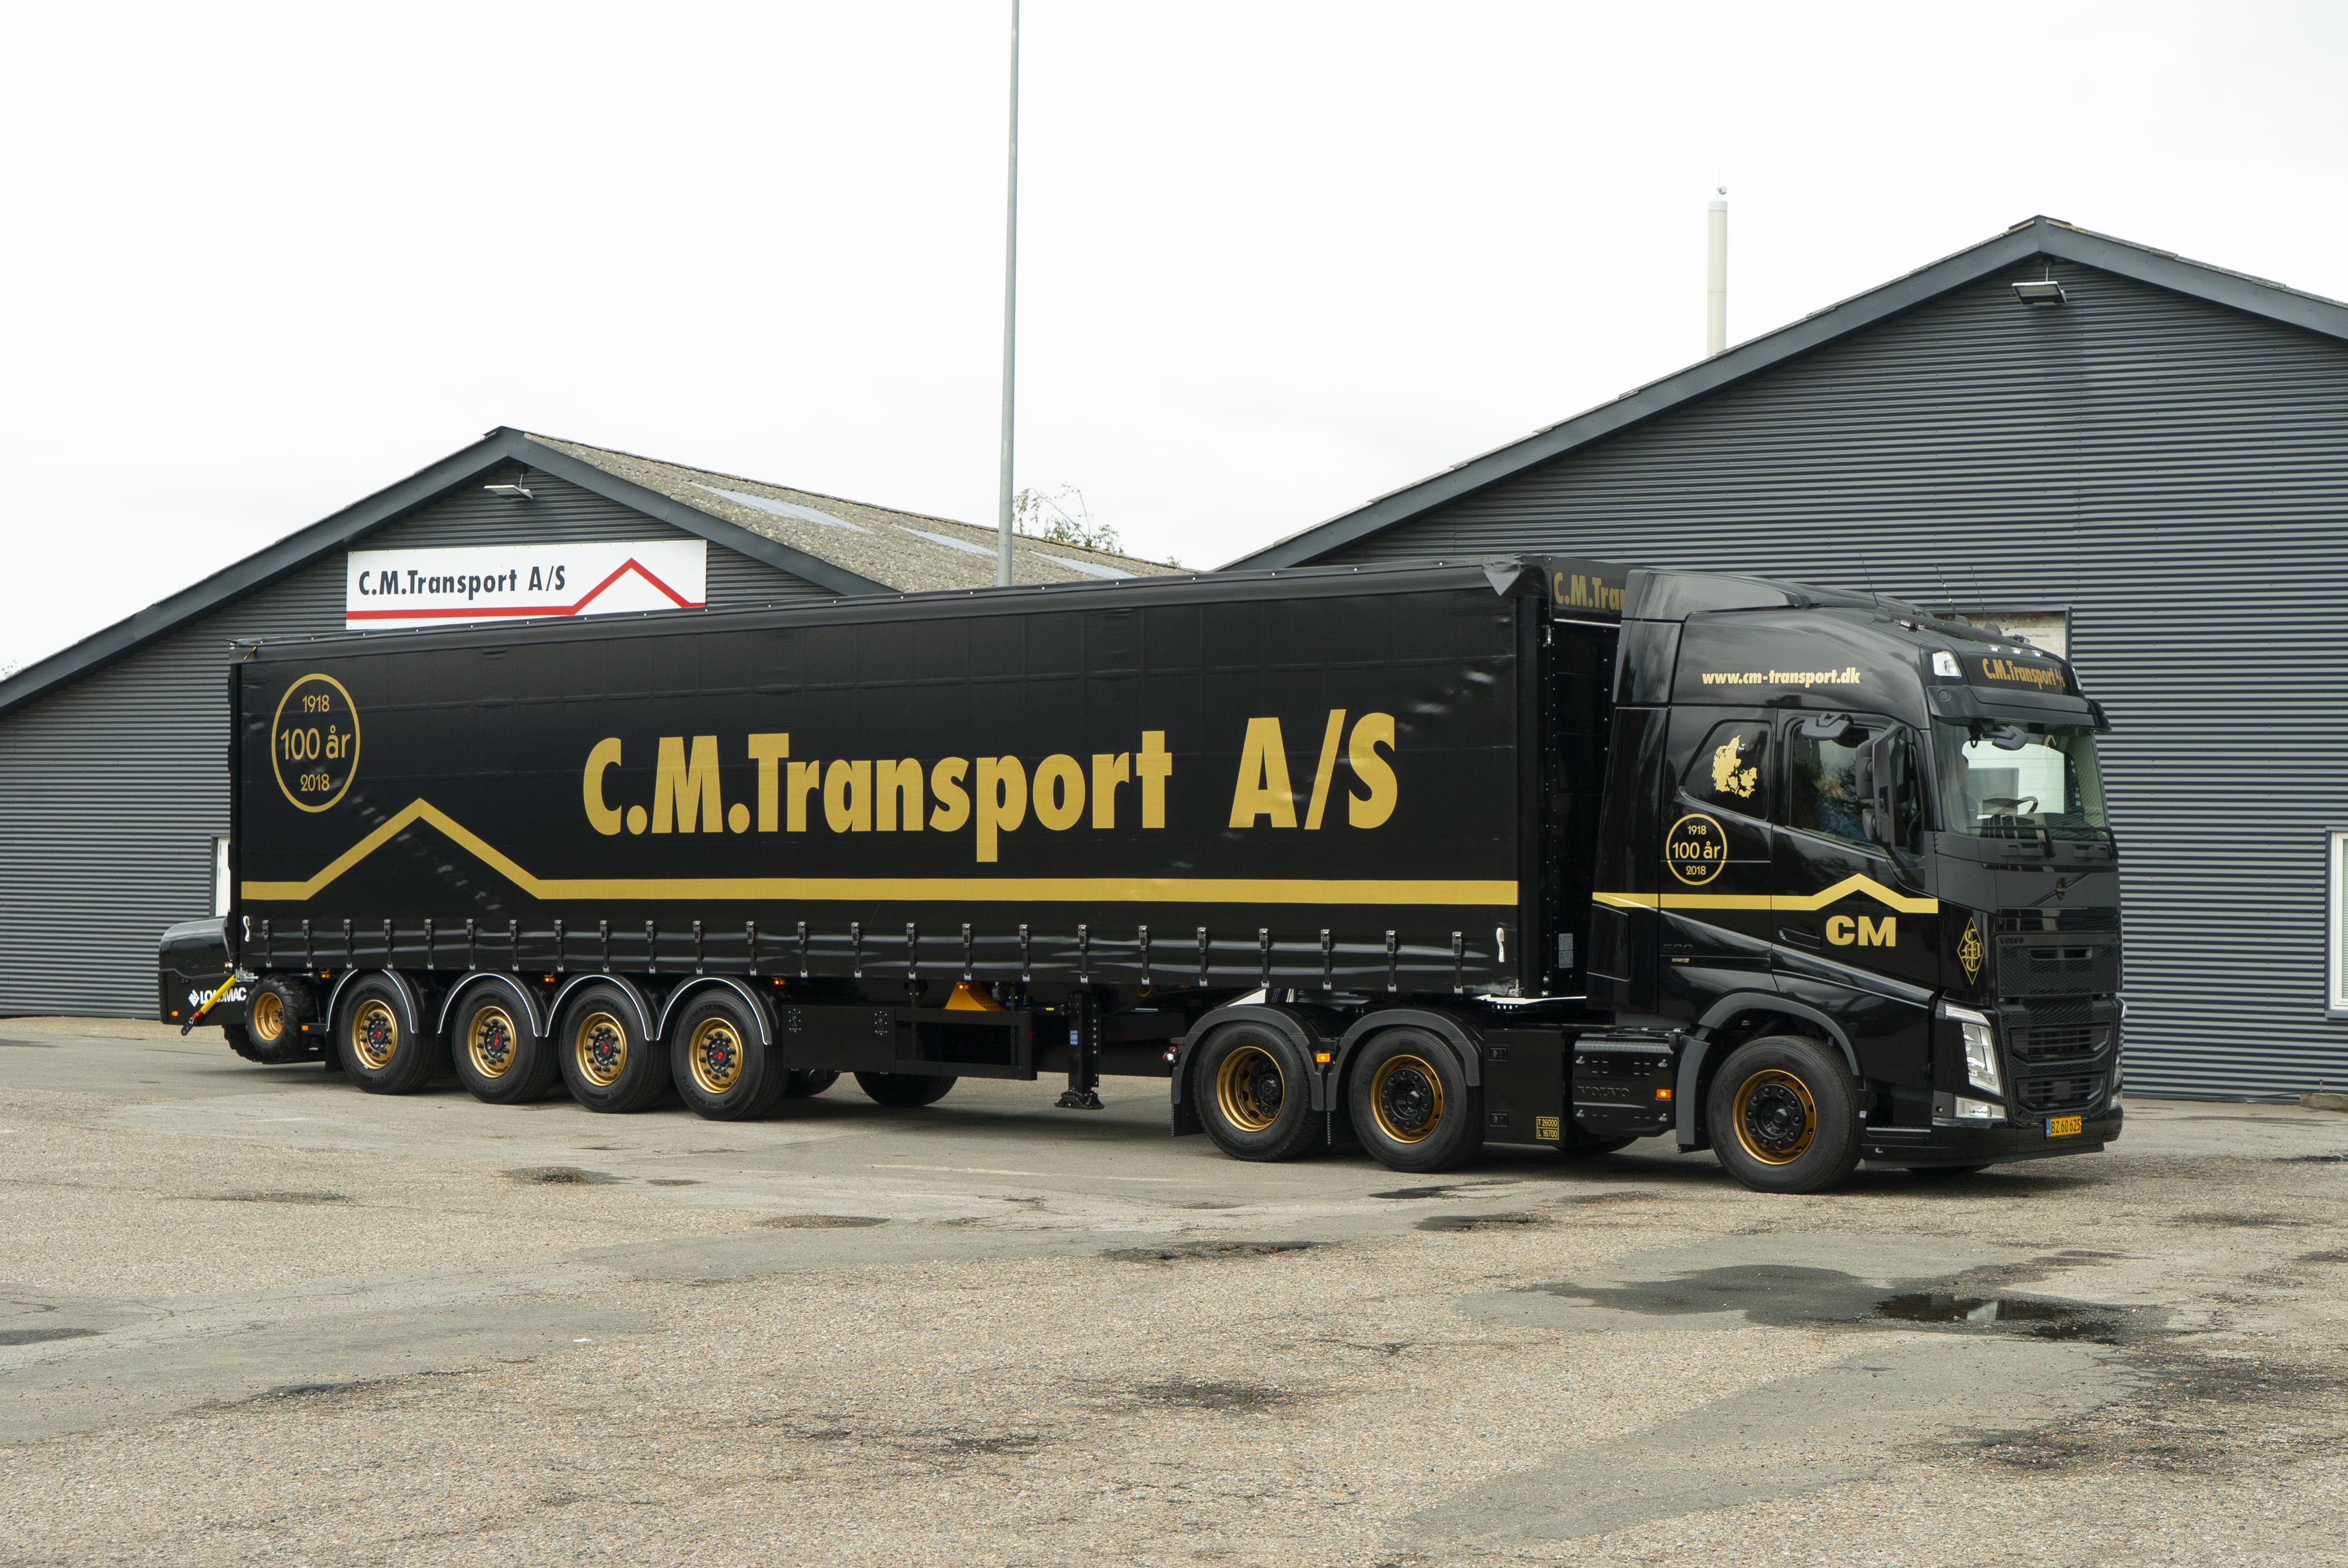 0cb3dfc3e5b5 Guld-Volvo til jubilæum - Transportmagasinet